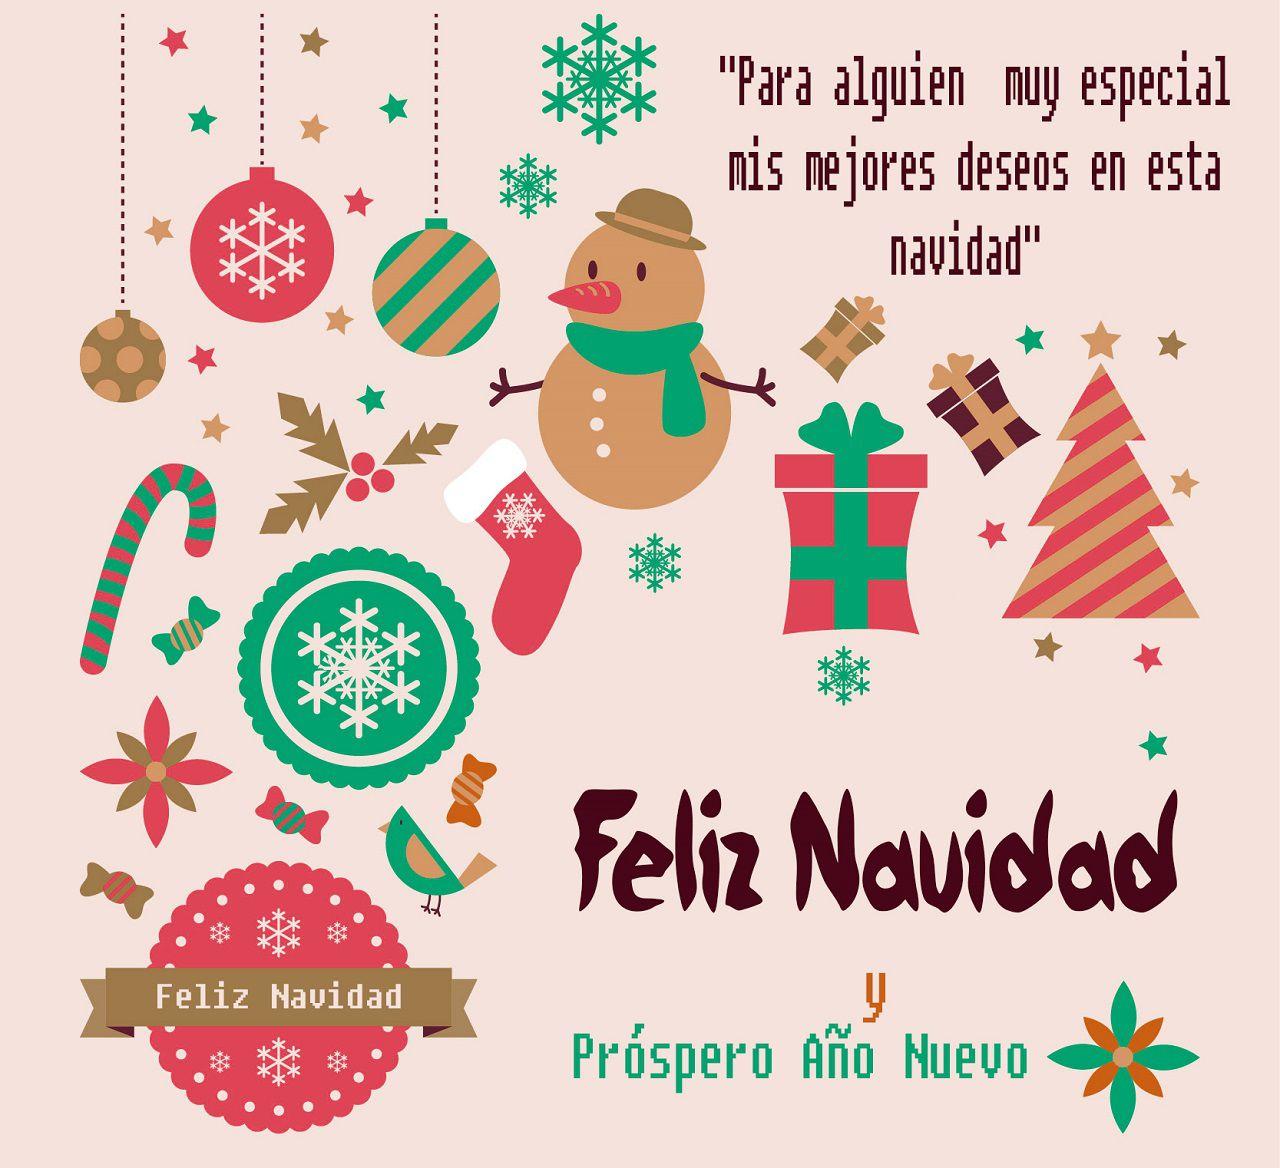 Frases originales de navidad y año nuevo